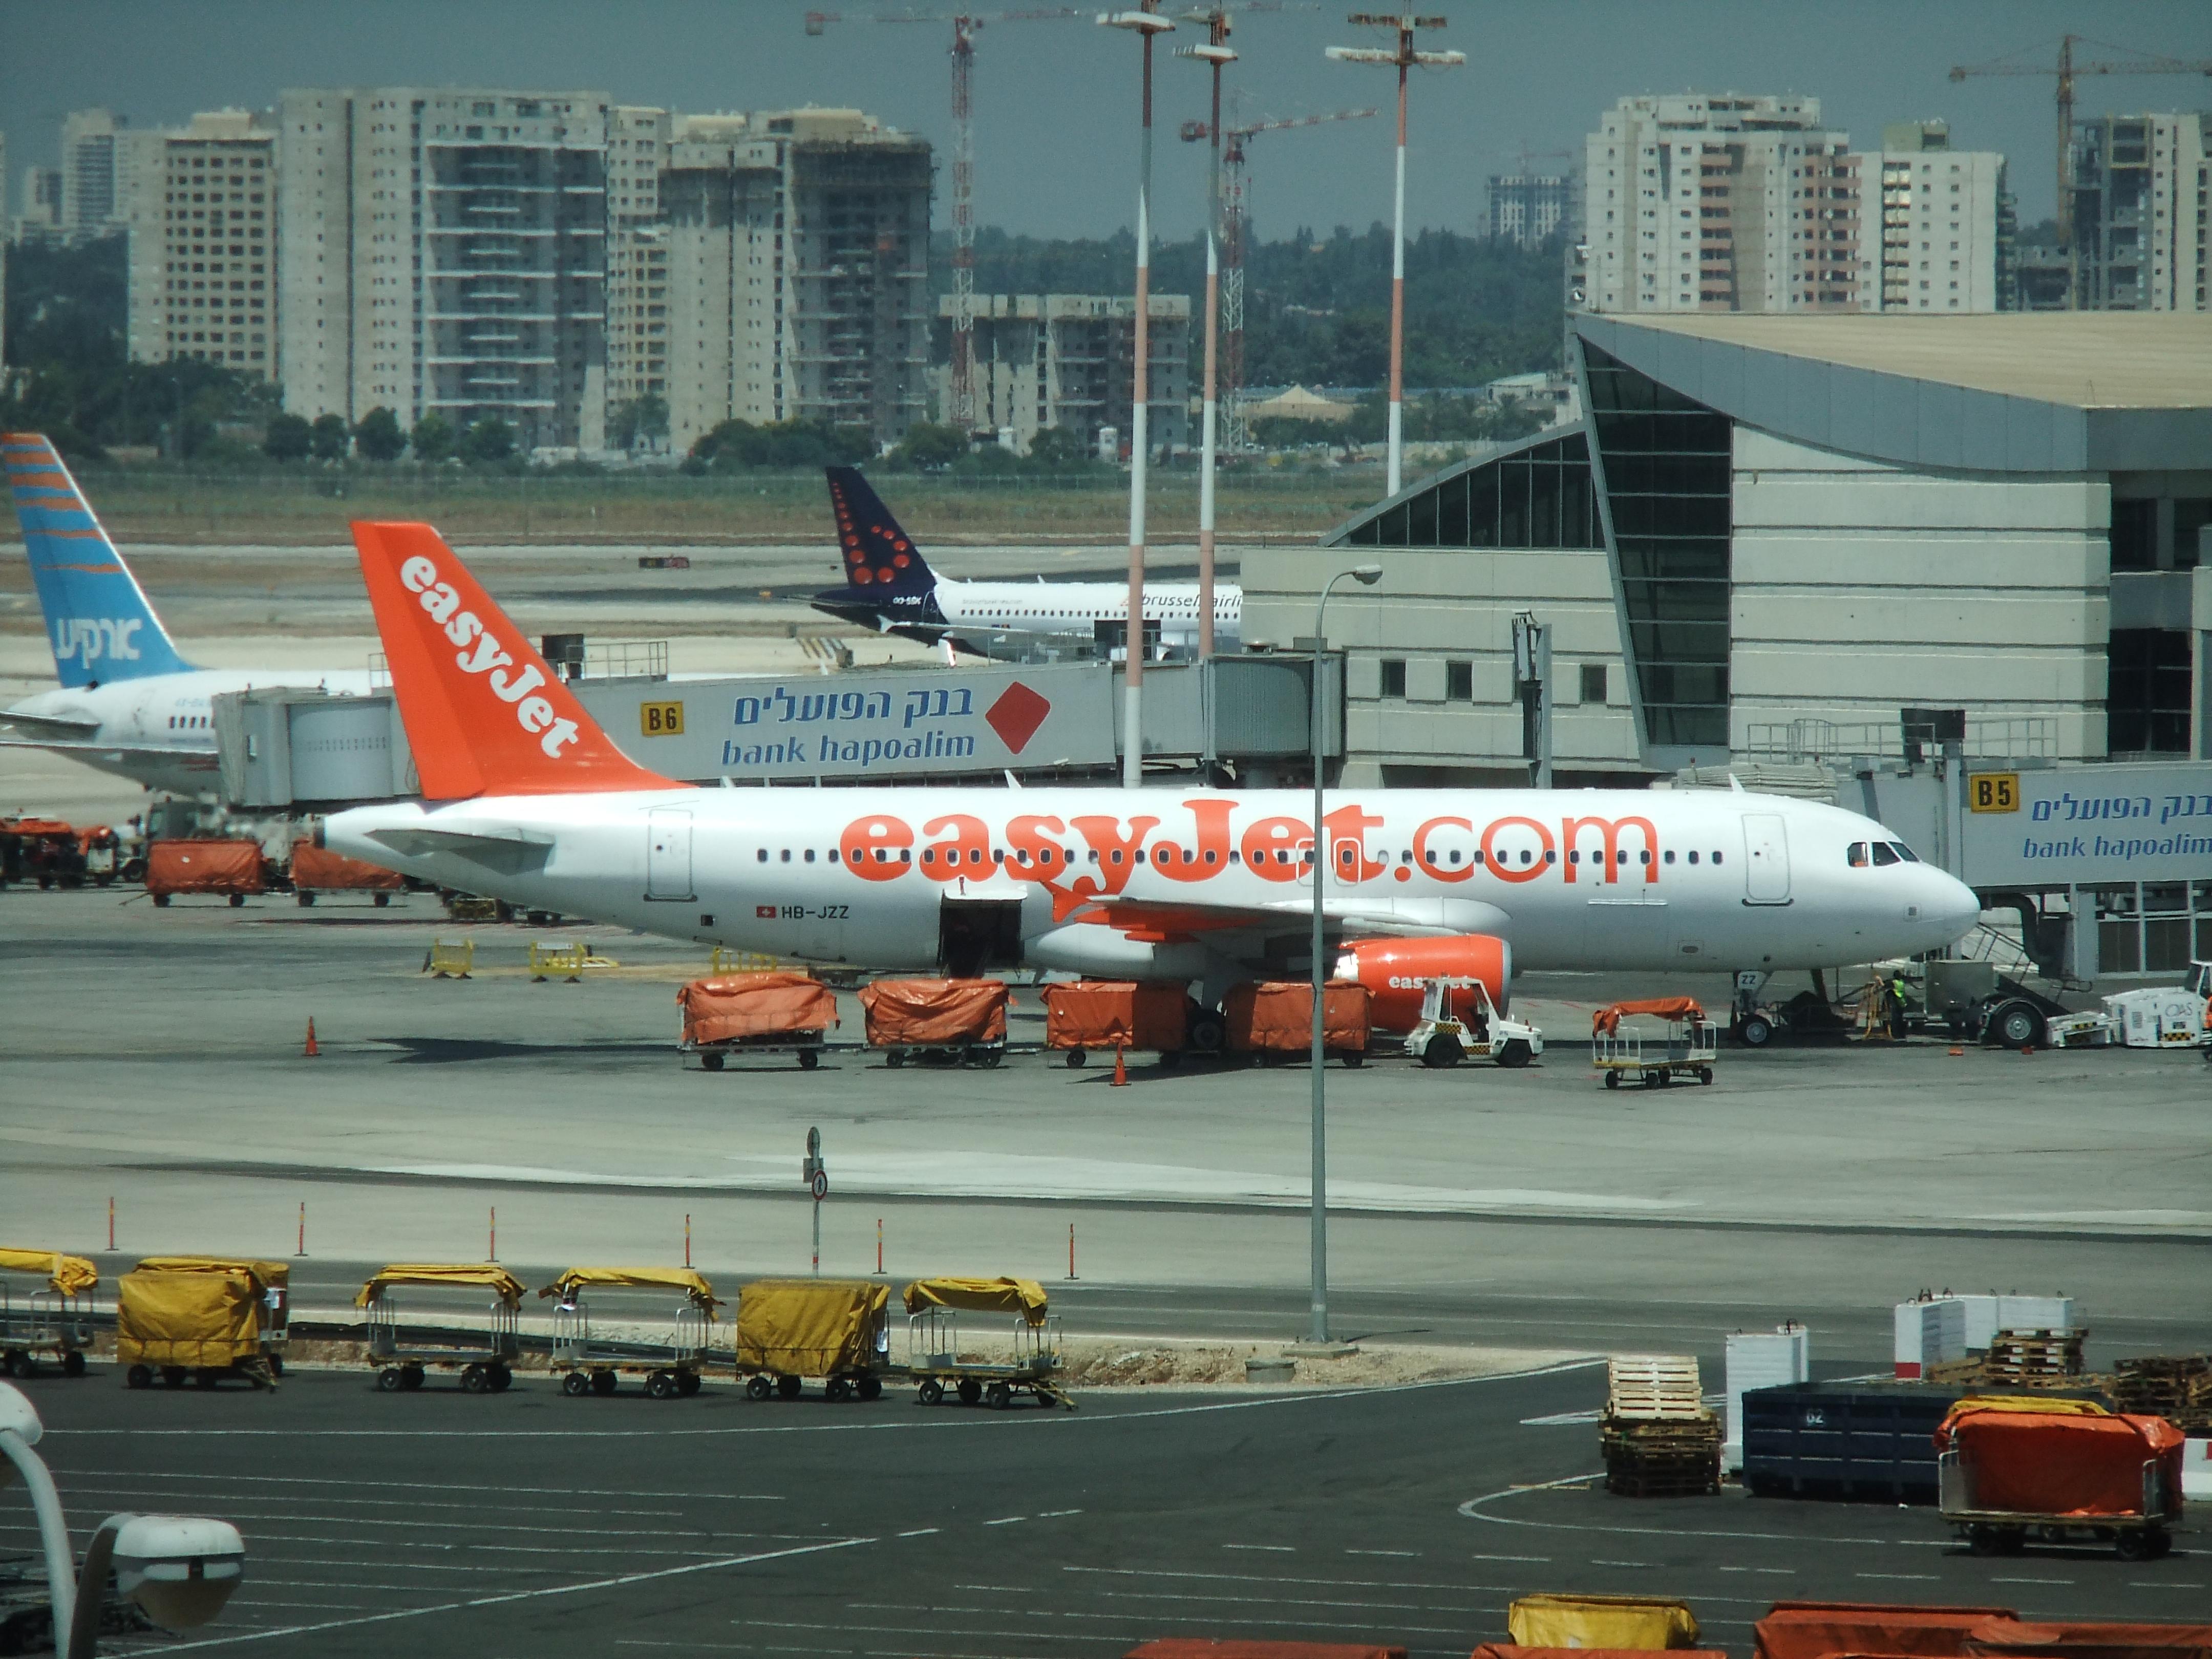 Der israelische Flughafen soll attraktiver für Billigfluglinien werden (Bild: Michaelg2588/Wikimedia).